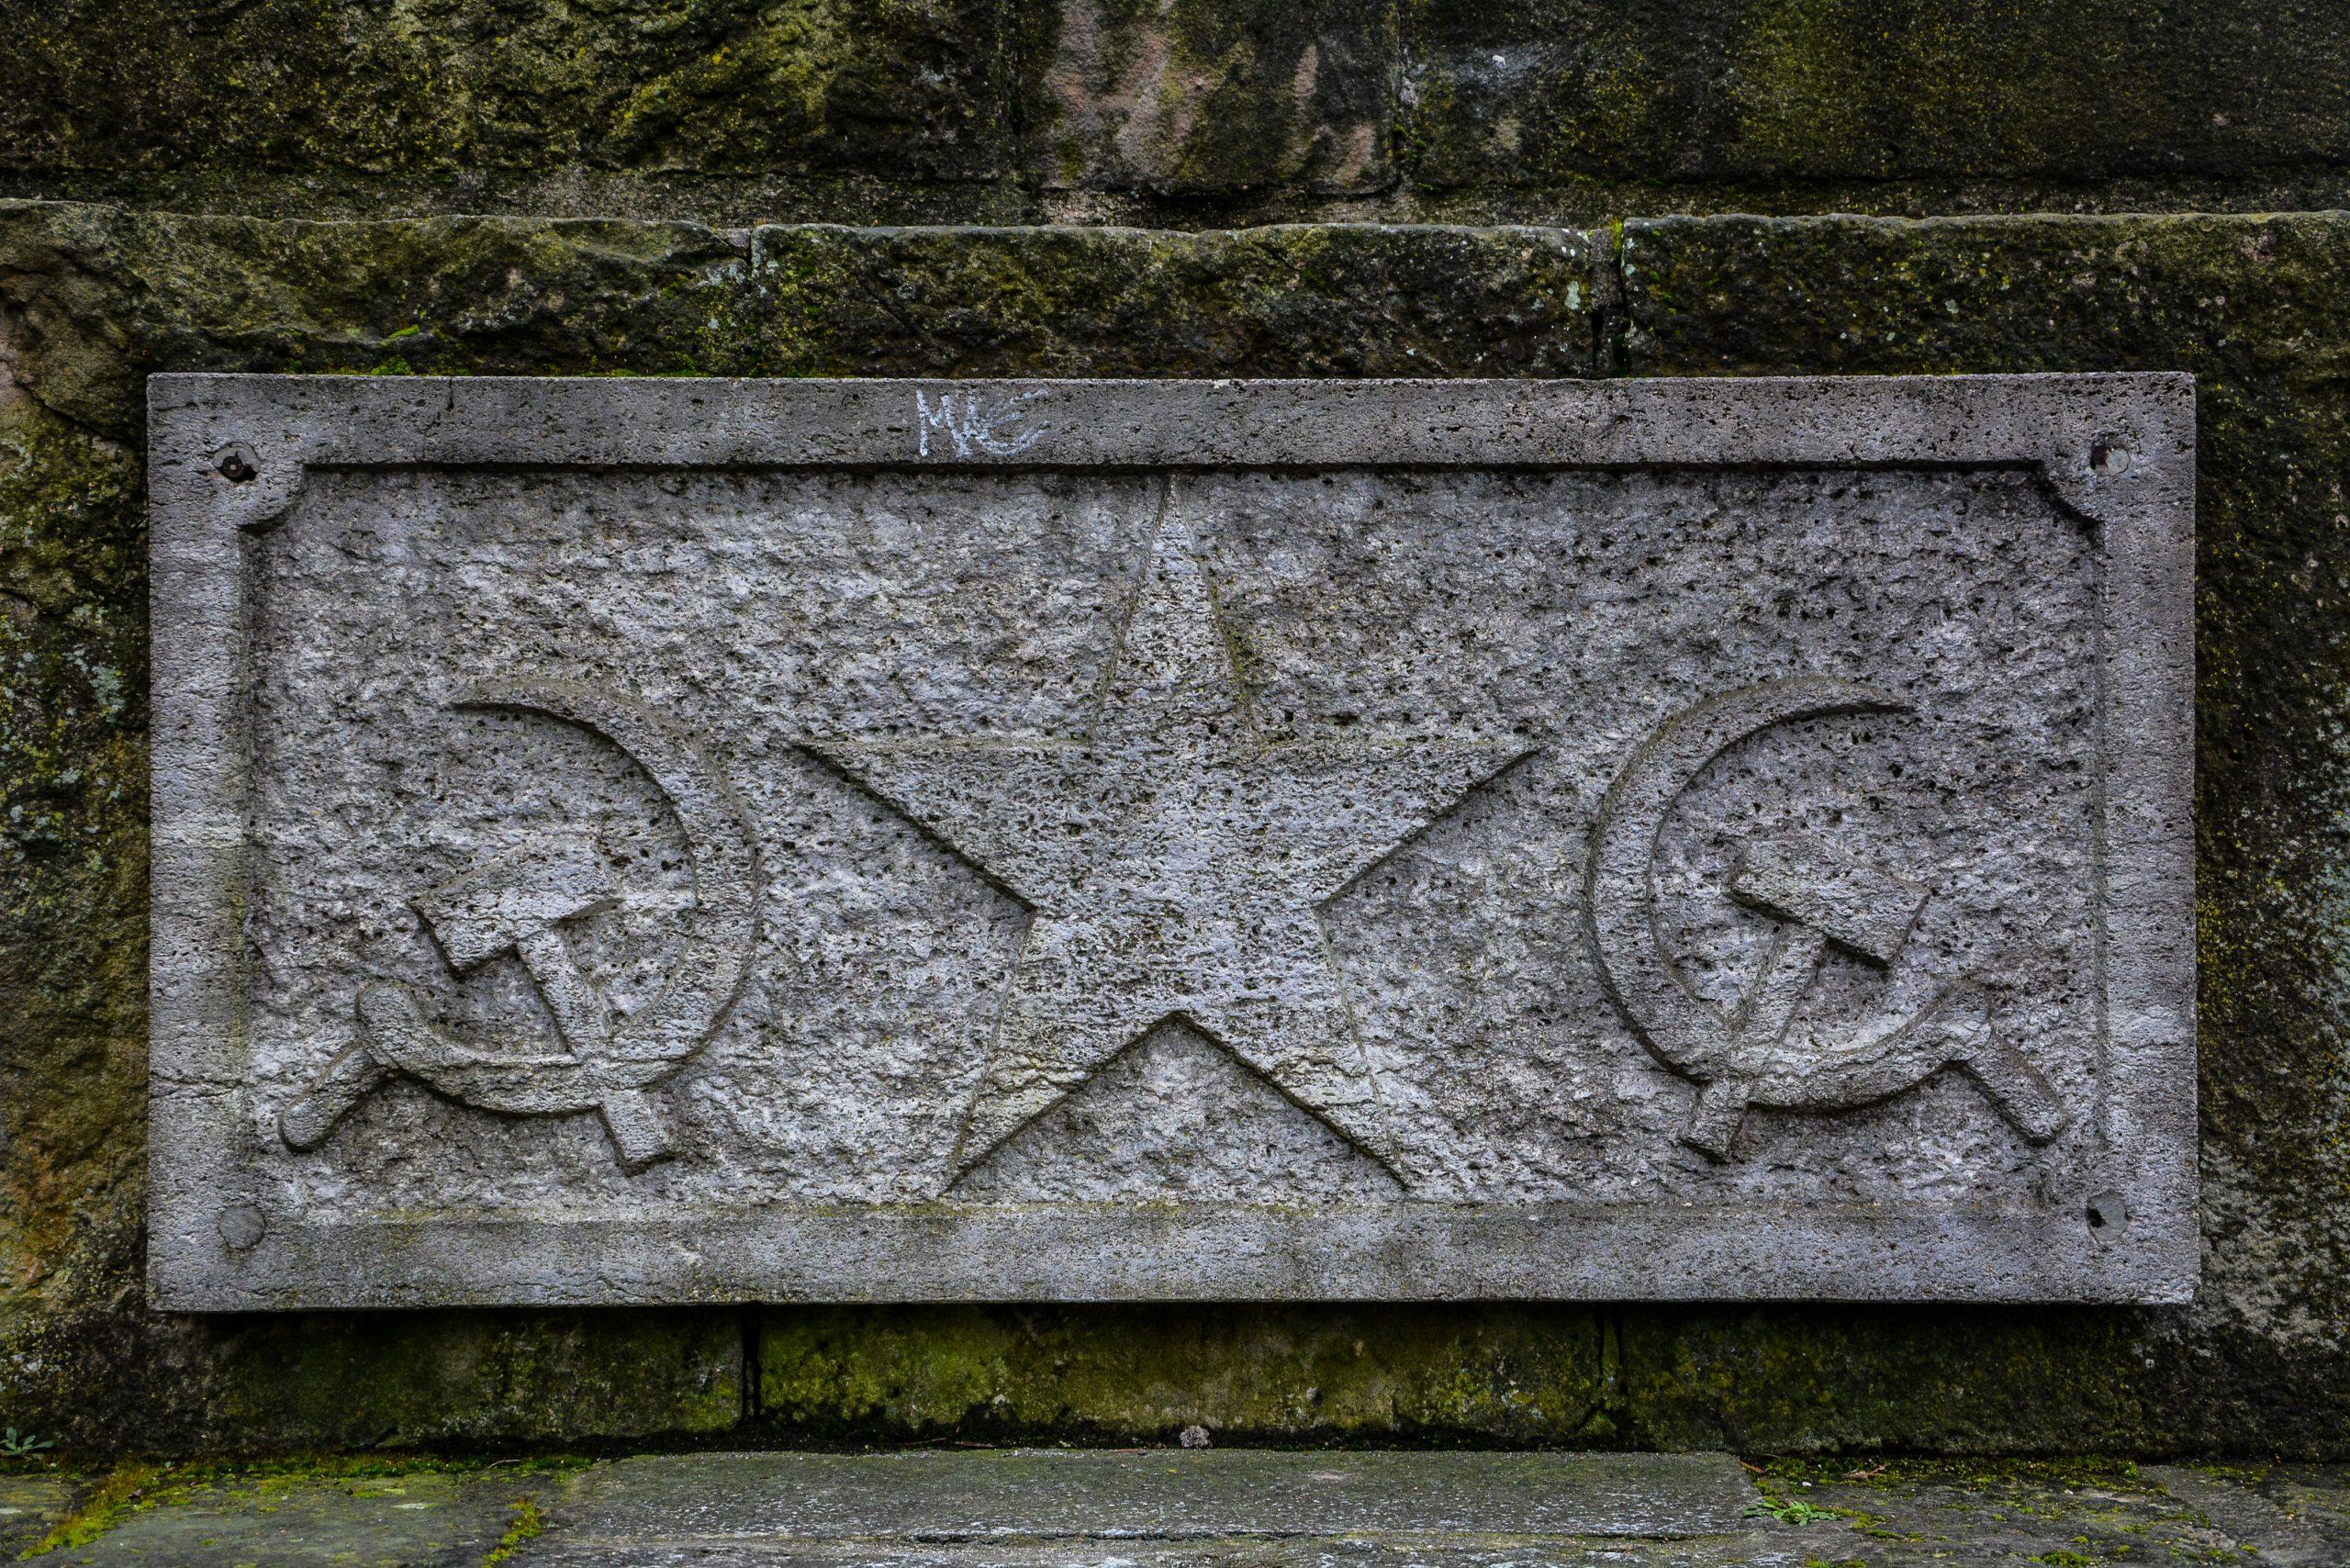 sowjetisches ehrenmal berlin kaulsdorf soviet war memorial berlin kaulsdorf germany deutschland hammer und sichel tafel hammer and sickle communist panel